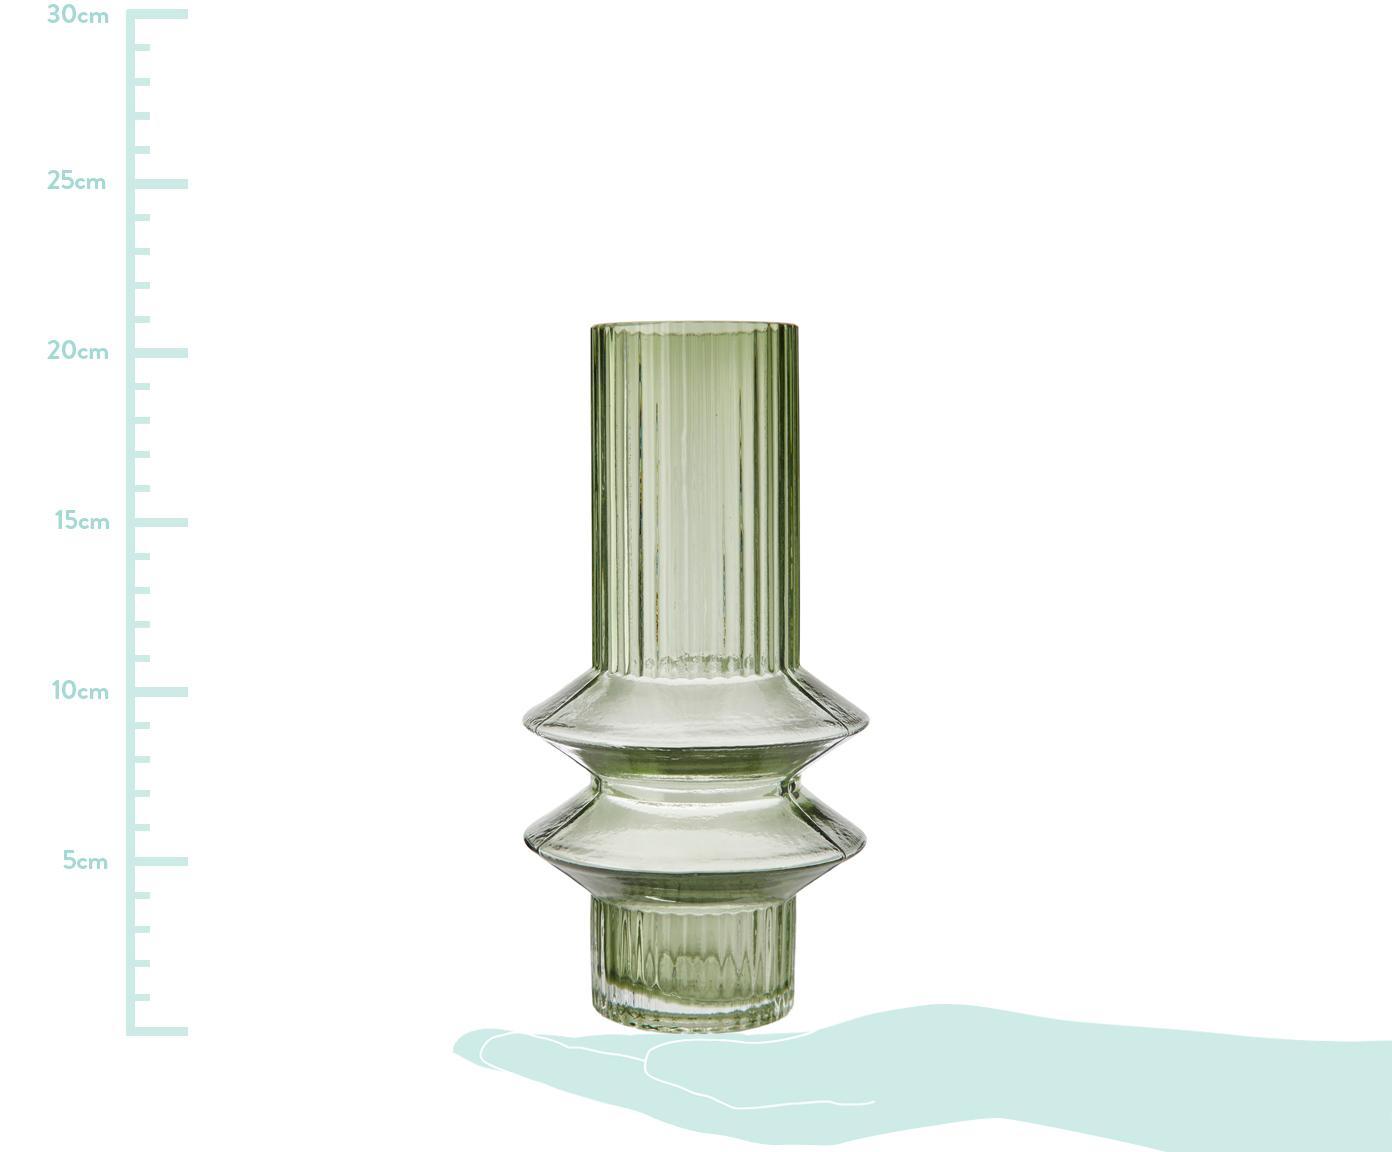 Vaso in vetro trasparente con riflessi verdi Rilla, Vetro, Verde, Ø 10 x Alt. 21 cm